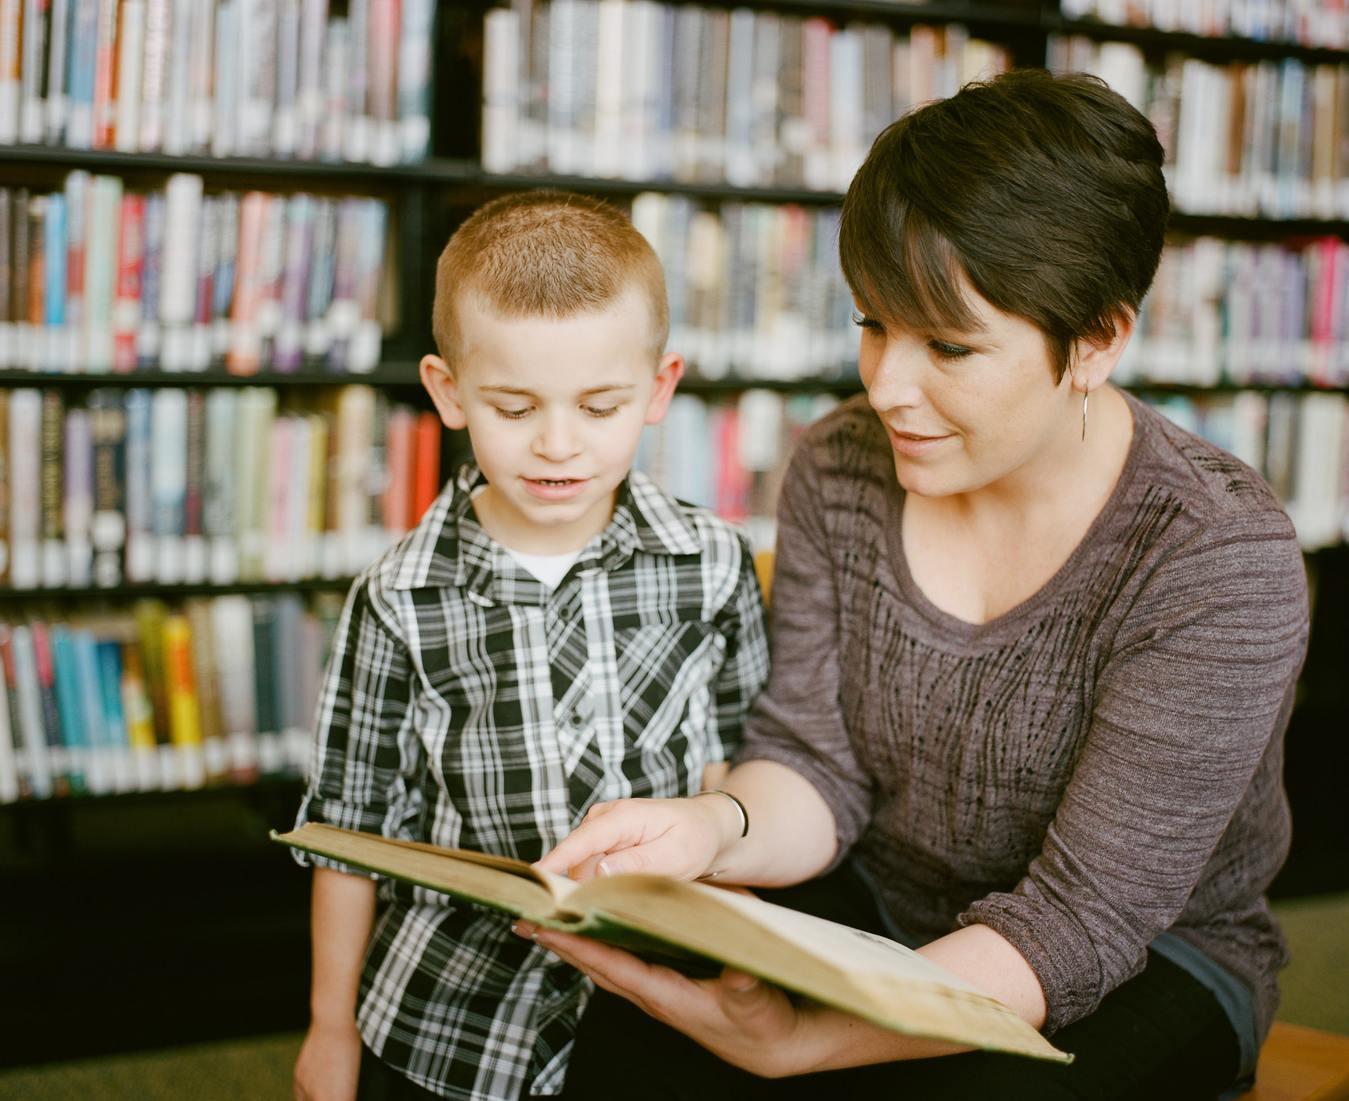 Adulta ensinando criança com um livro